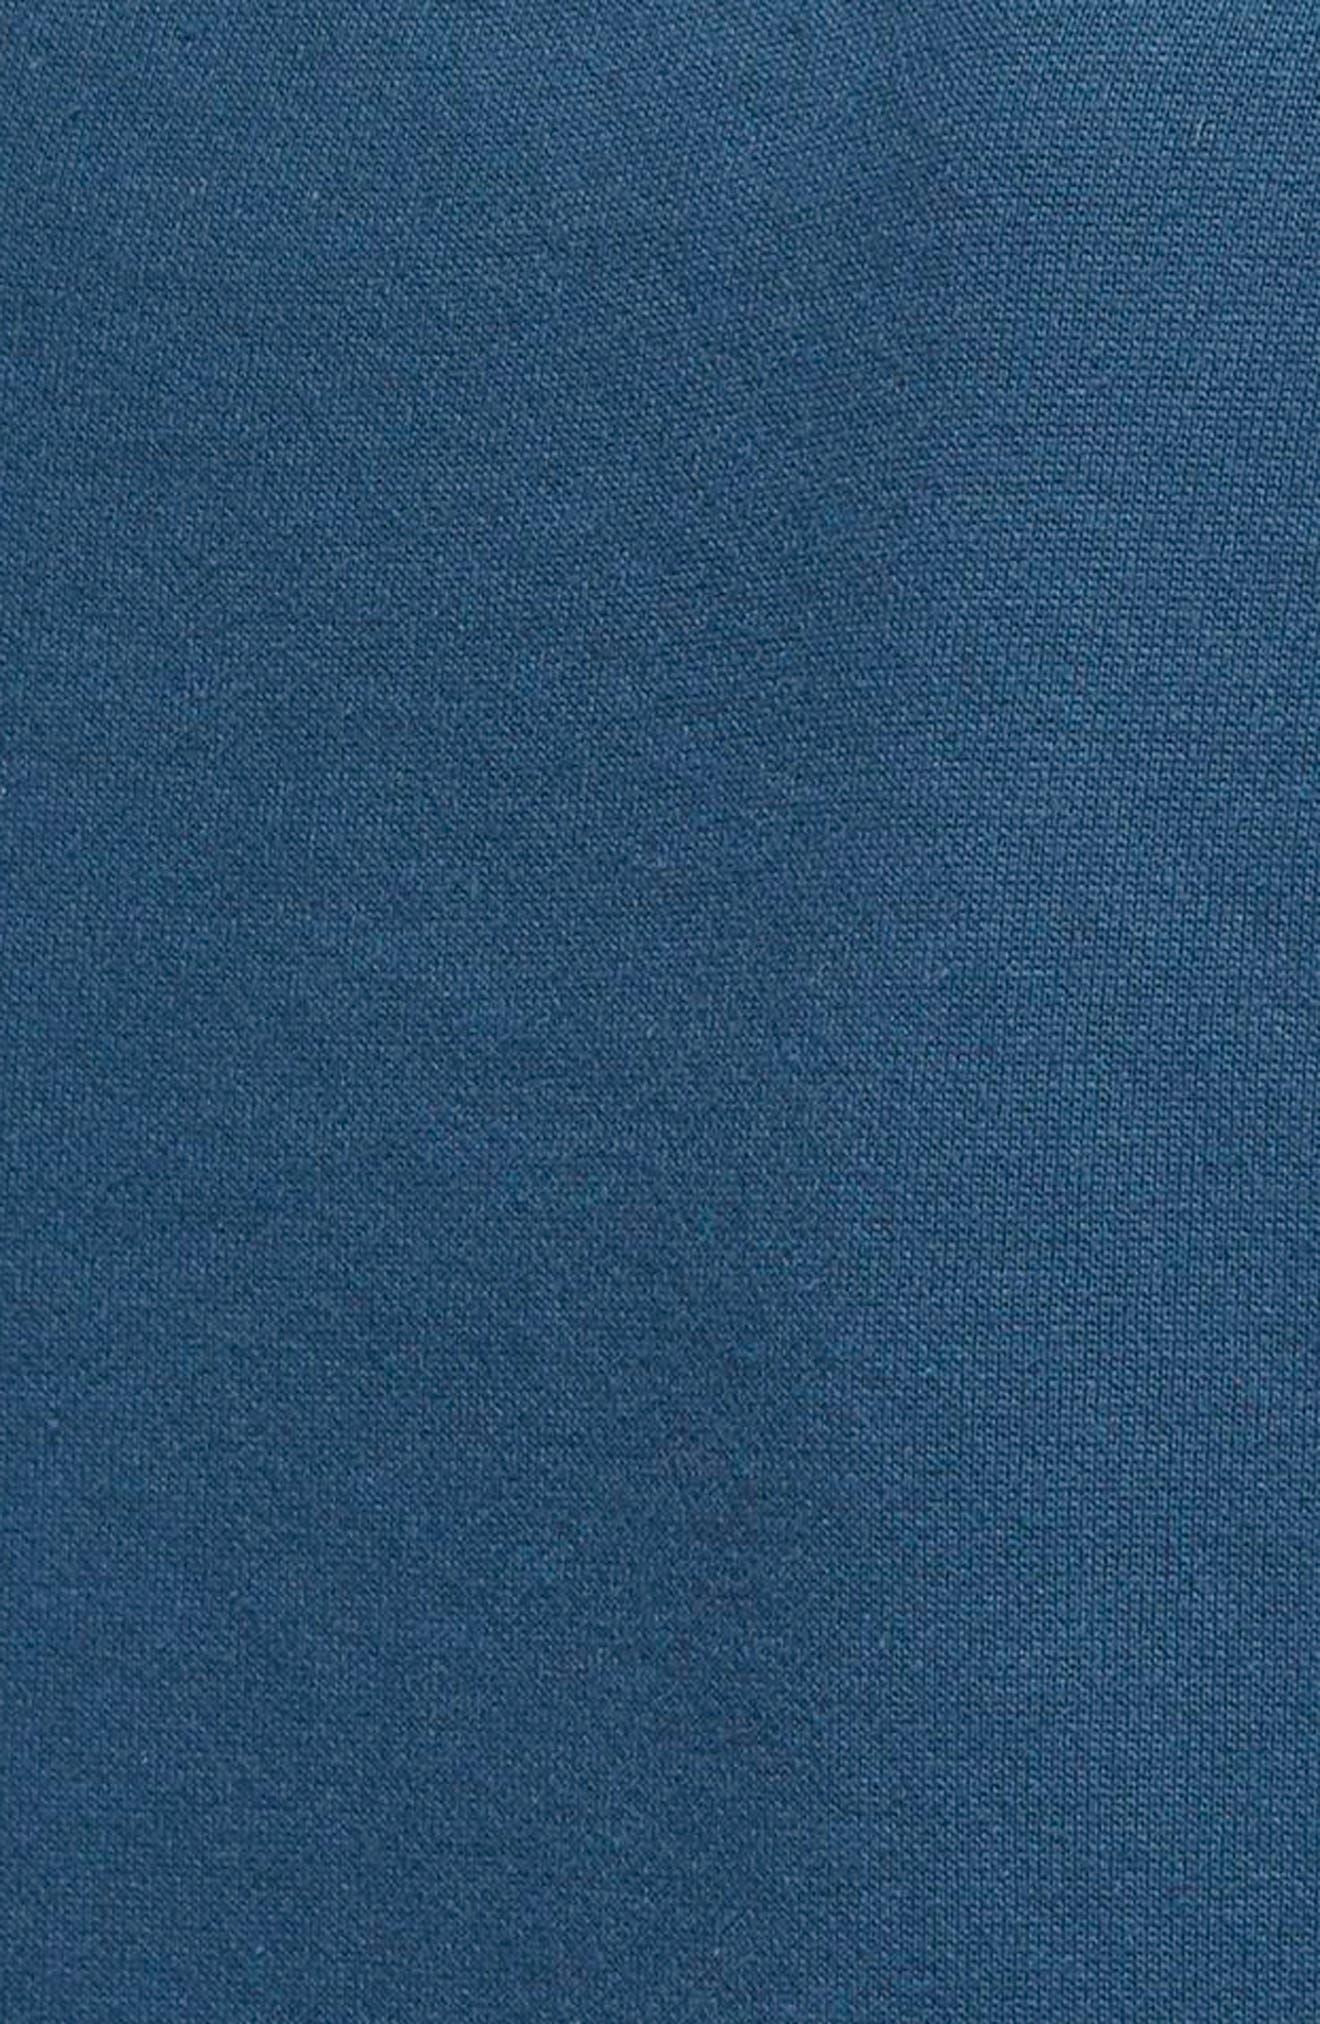 Originals Oversize Sweatshirt,                             Alternate thumbnail 7, color,                             Dark Steel